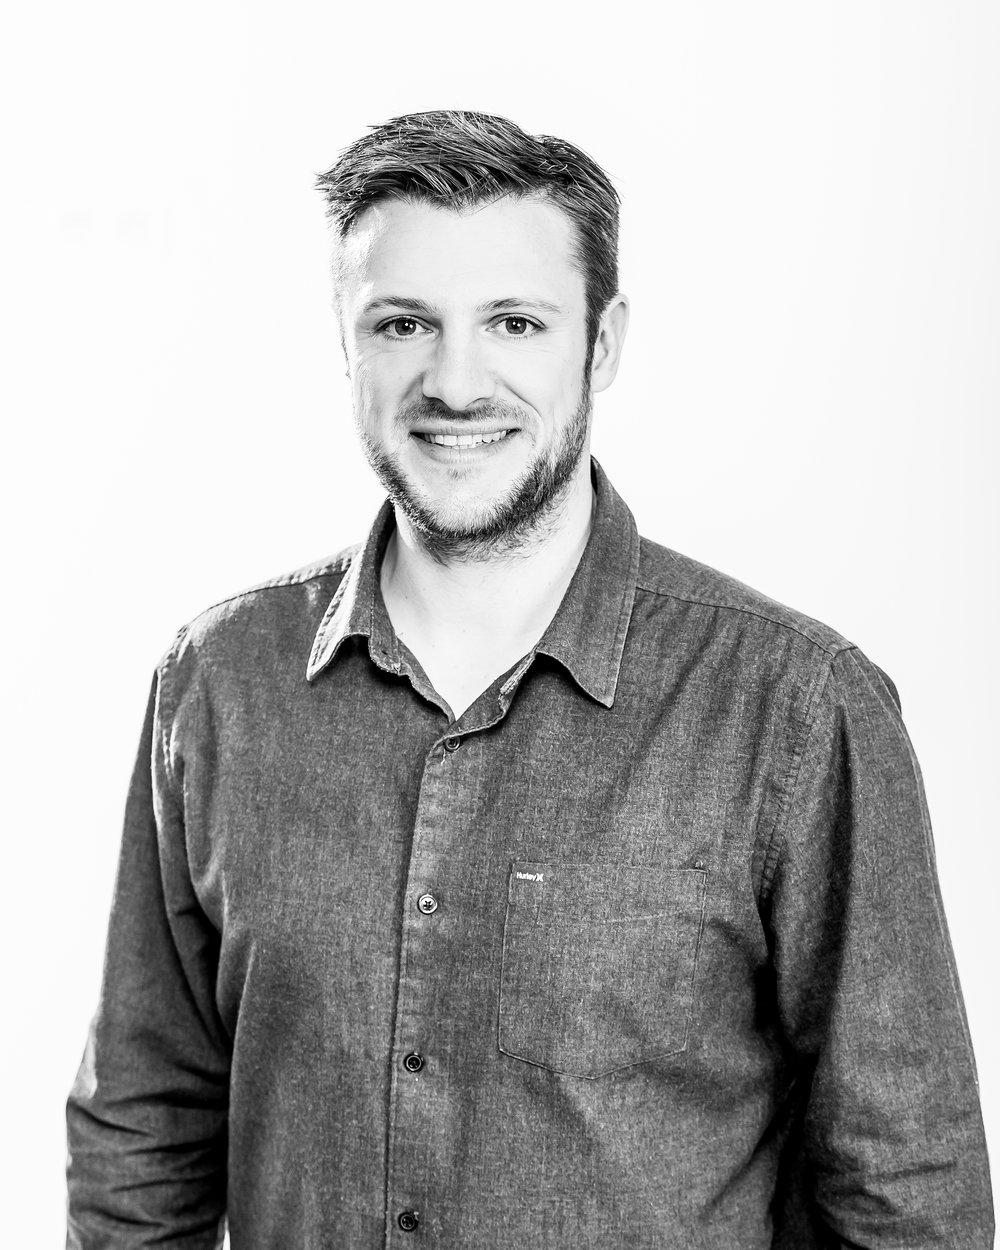 Thomas Blairon - Responsable de la société. Photographe et caméraman depuis 2009 et pilote depuis 2012. Possède sa licence Classe 1a&b et Classe 2 et est passionné de technologies!